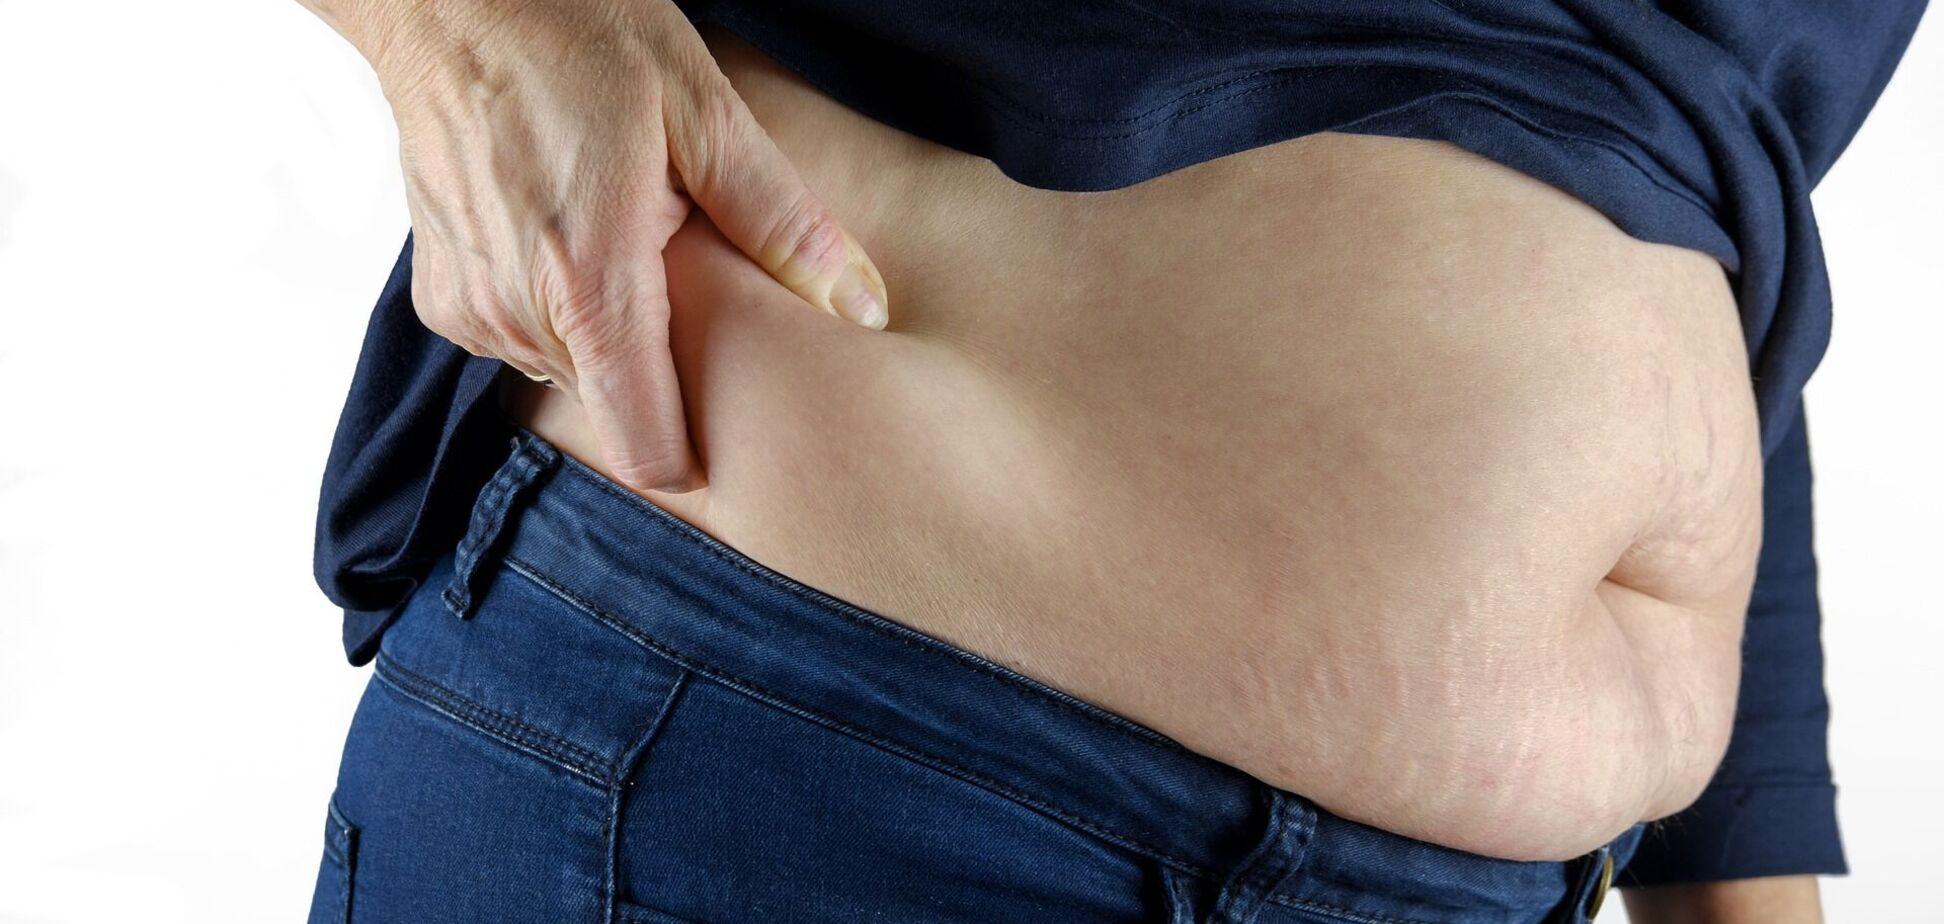 Як прибрати зайвий жир із живота, не виходячи з дому: головні правила